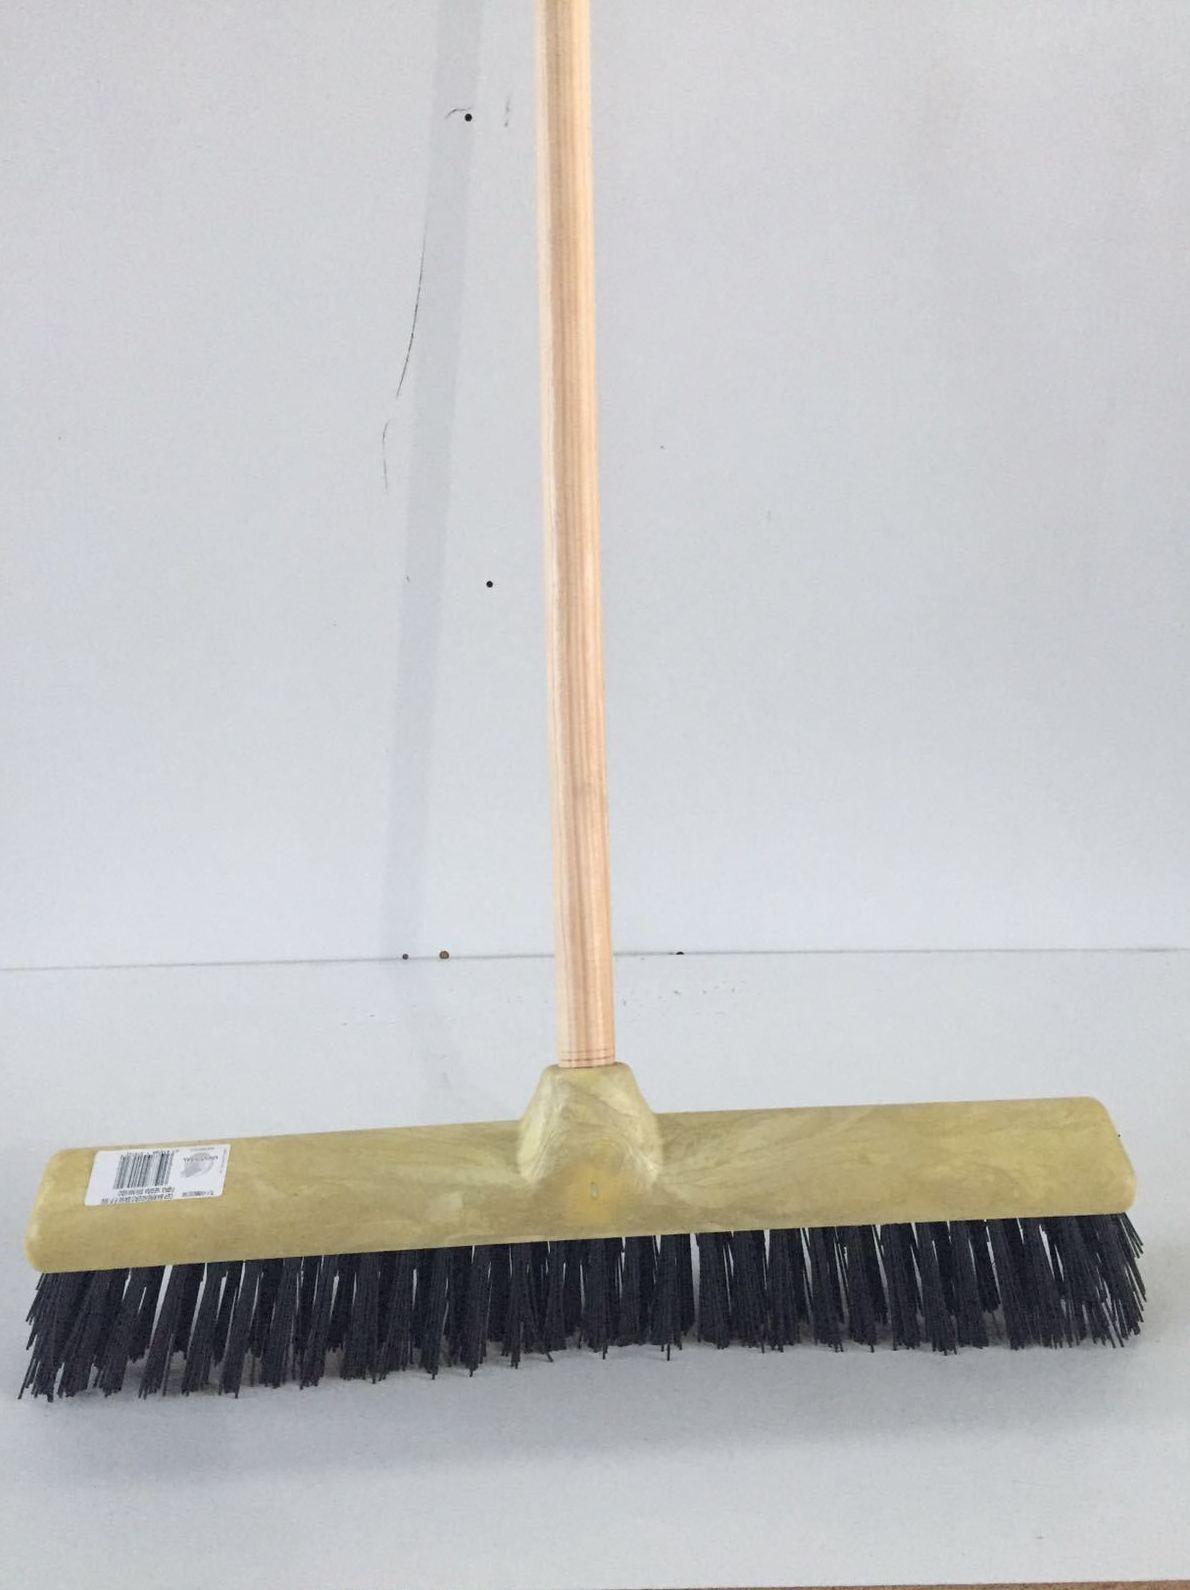 Piensos Alonso, venta de herramientas de limpieza